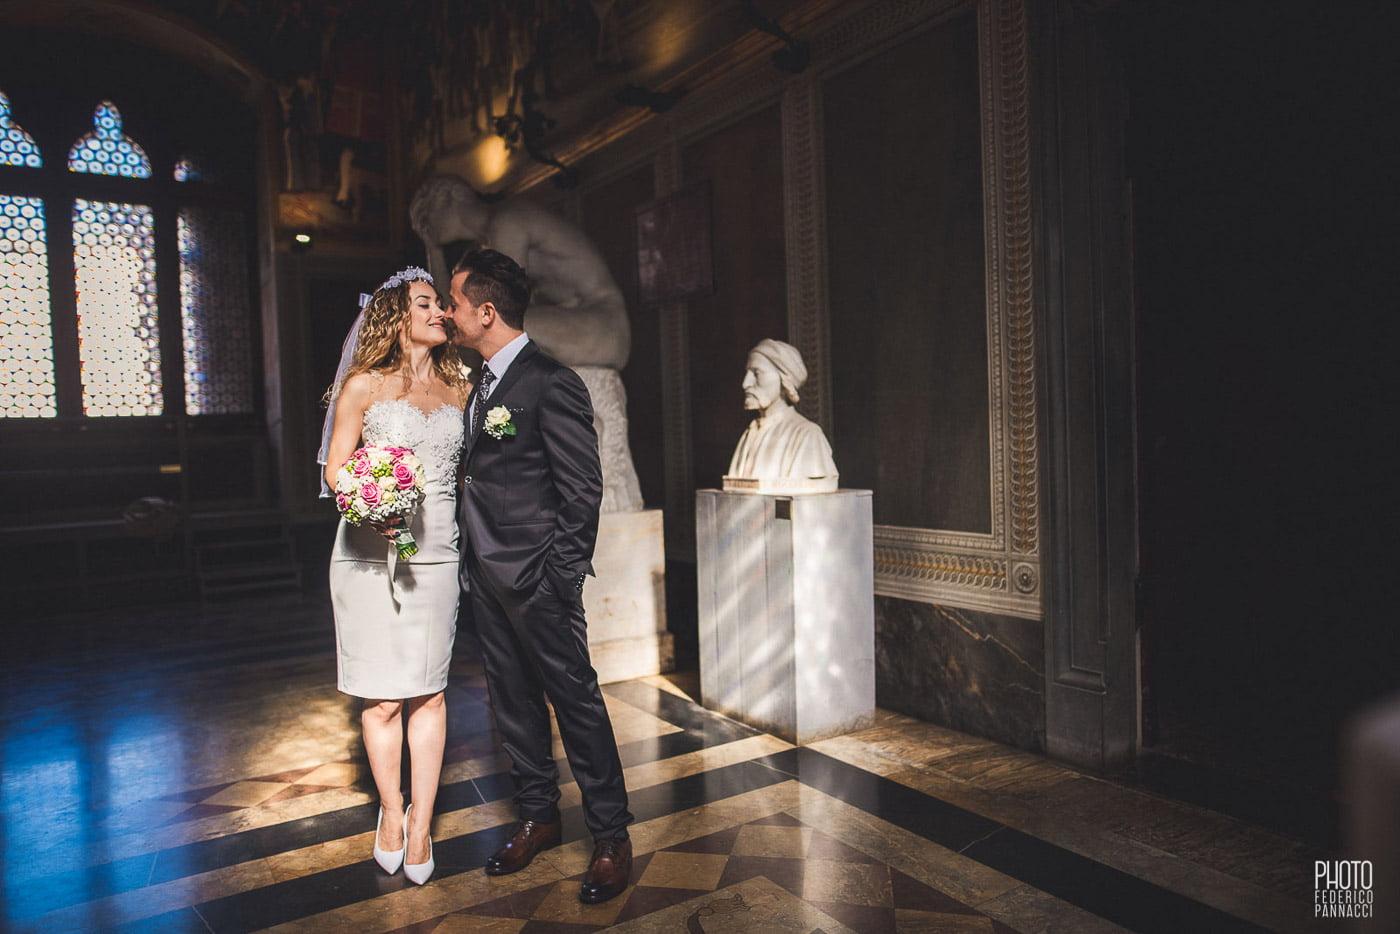 068-Destination-Wedding-Siena